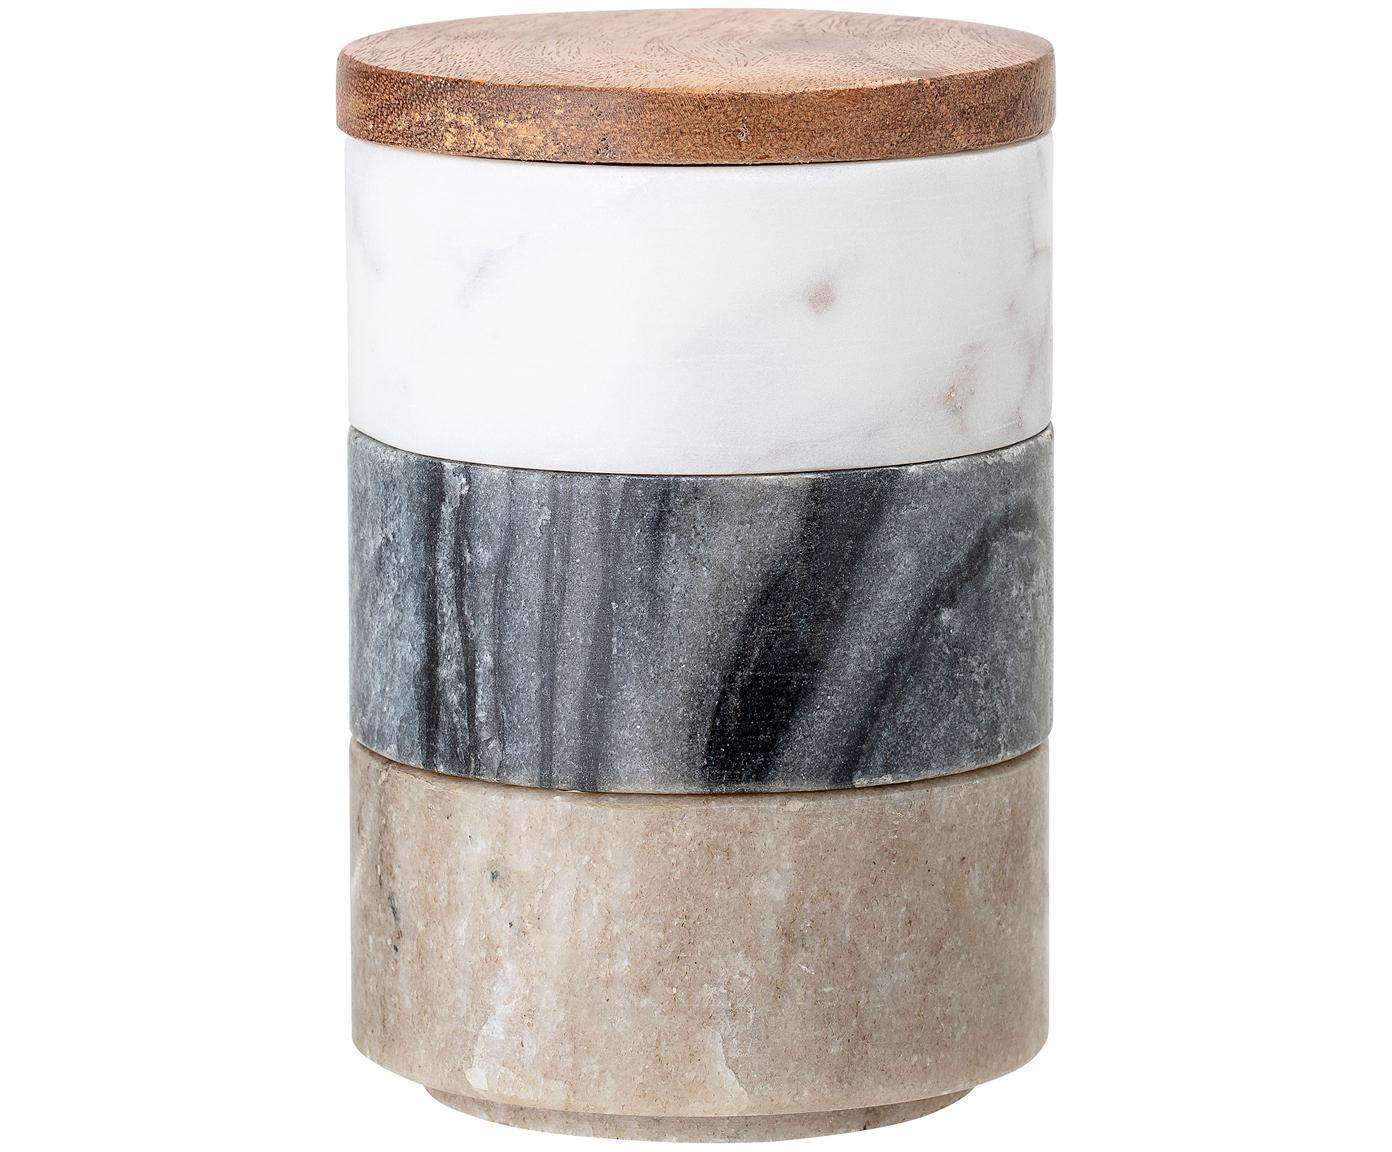 Komplet pojemników do przechowywania z marmuru Gatherings, 4 elem., Brązowy, szary, biały, marmurowy, Ø 8 x W 12 cm